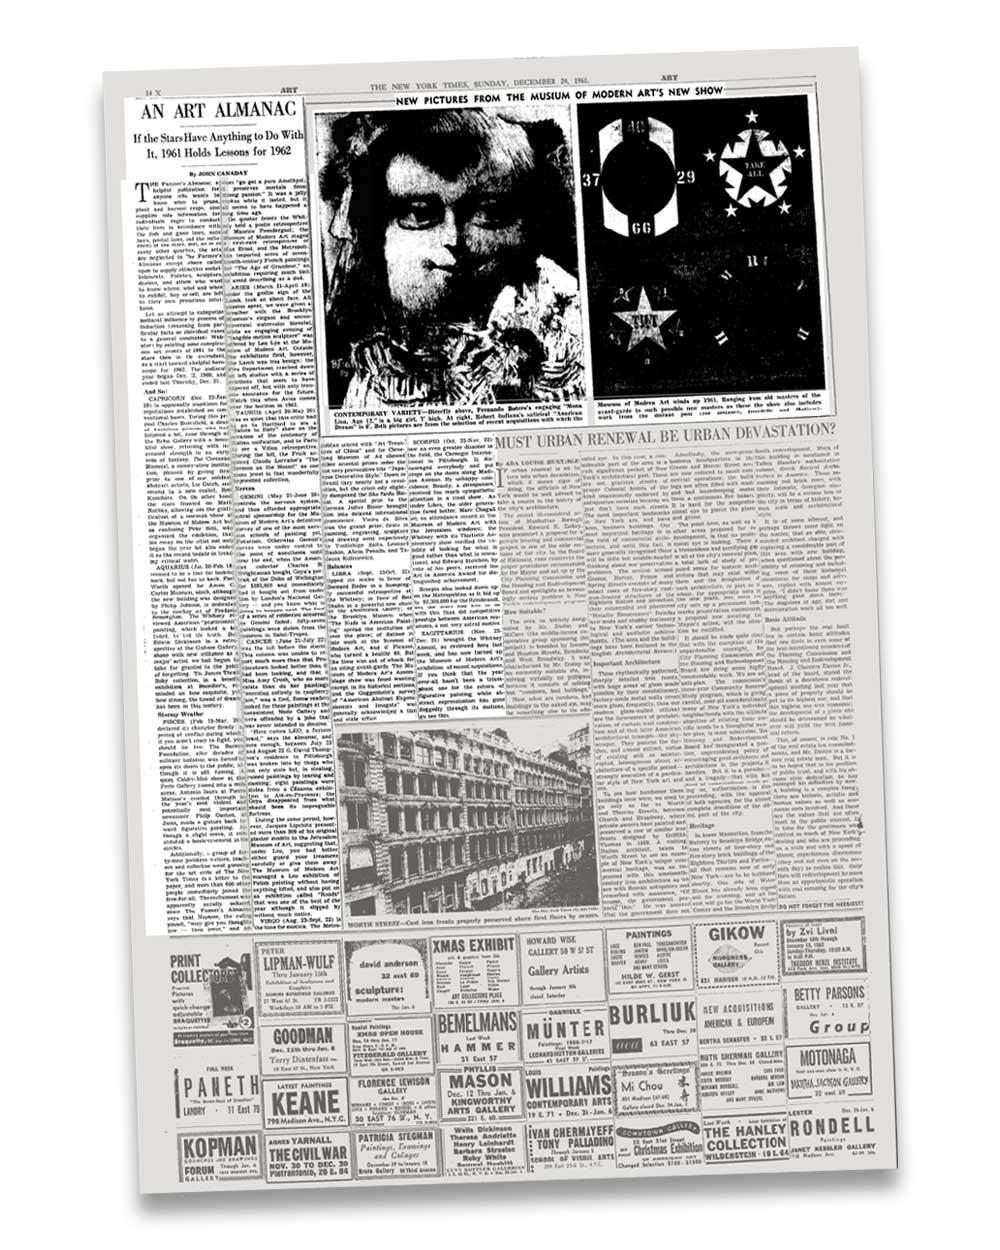 Retro futurism in New York Times, 1961